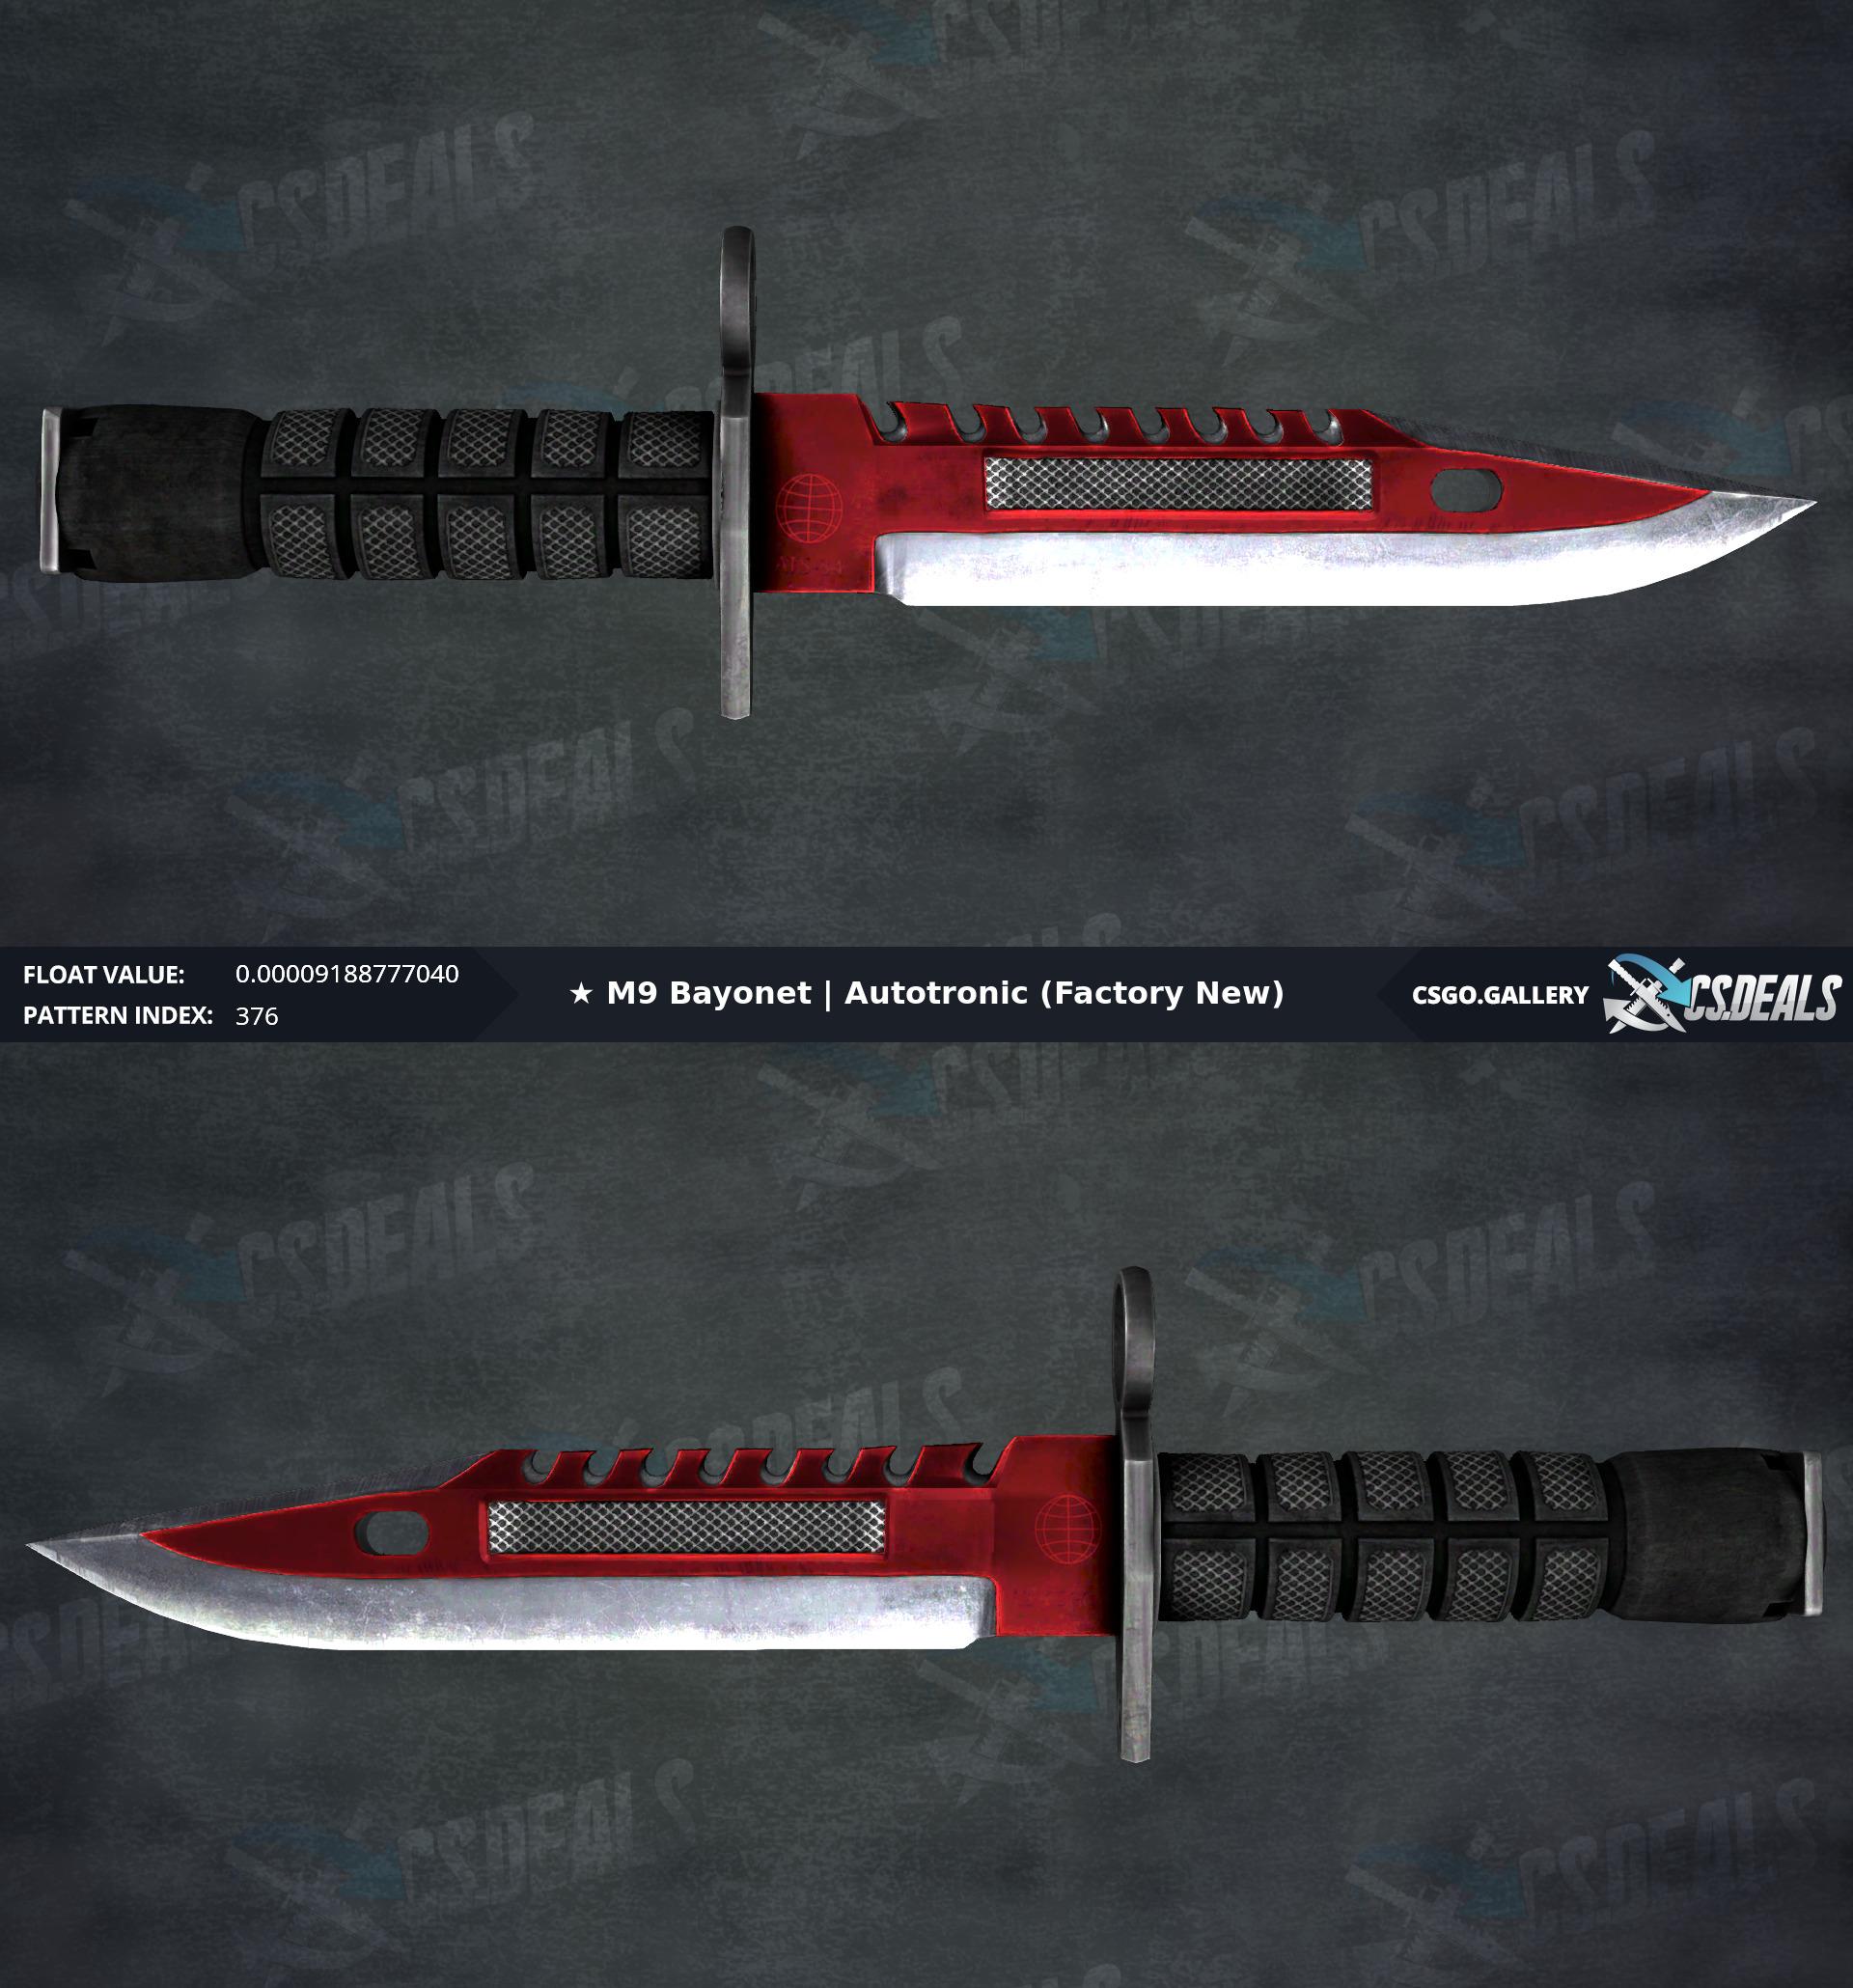 PC] #1 Float M9 Bayonet | Autotronic 0 000091888 Whats it